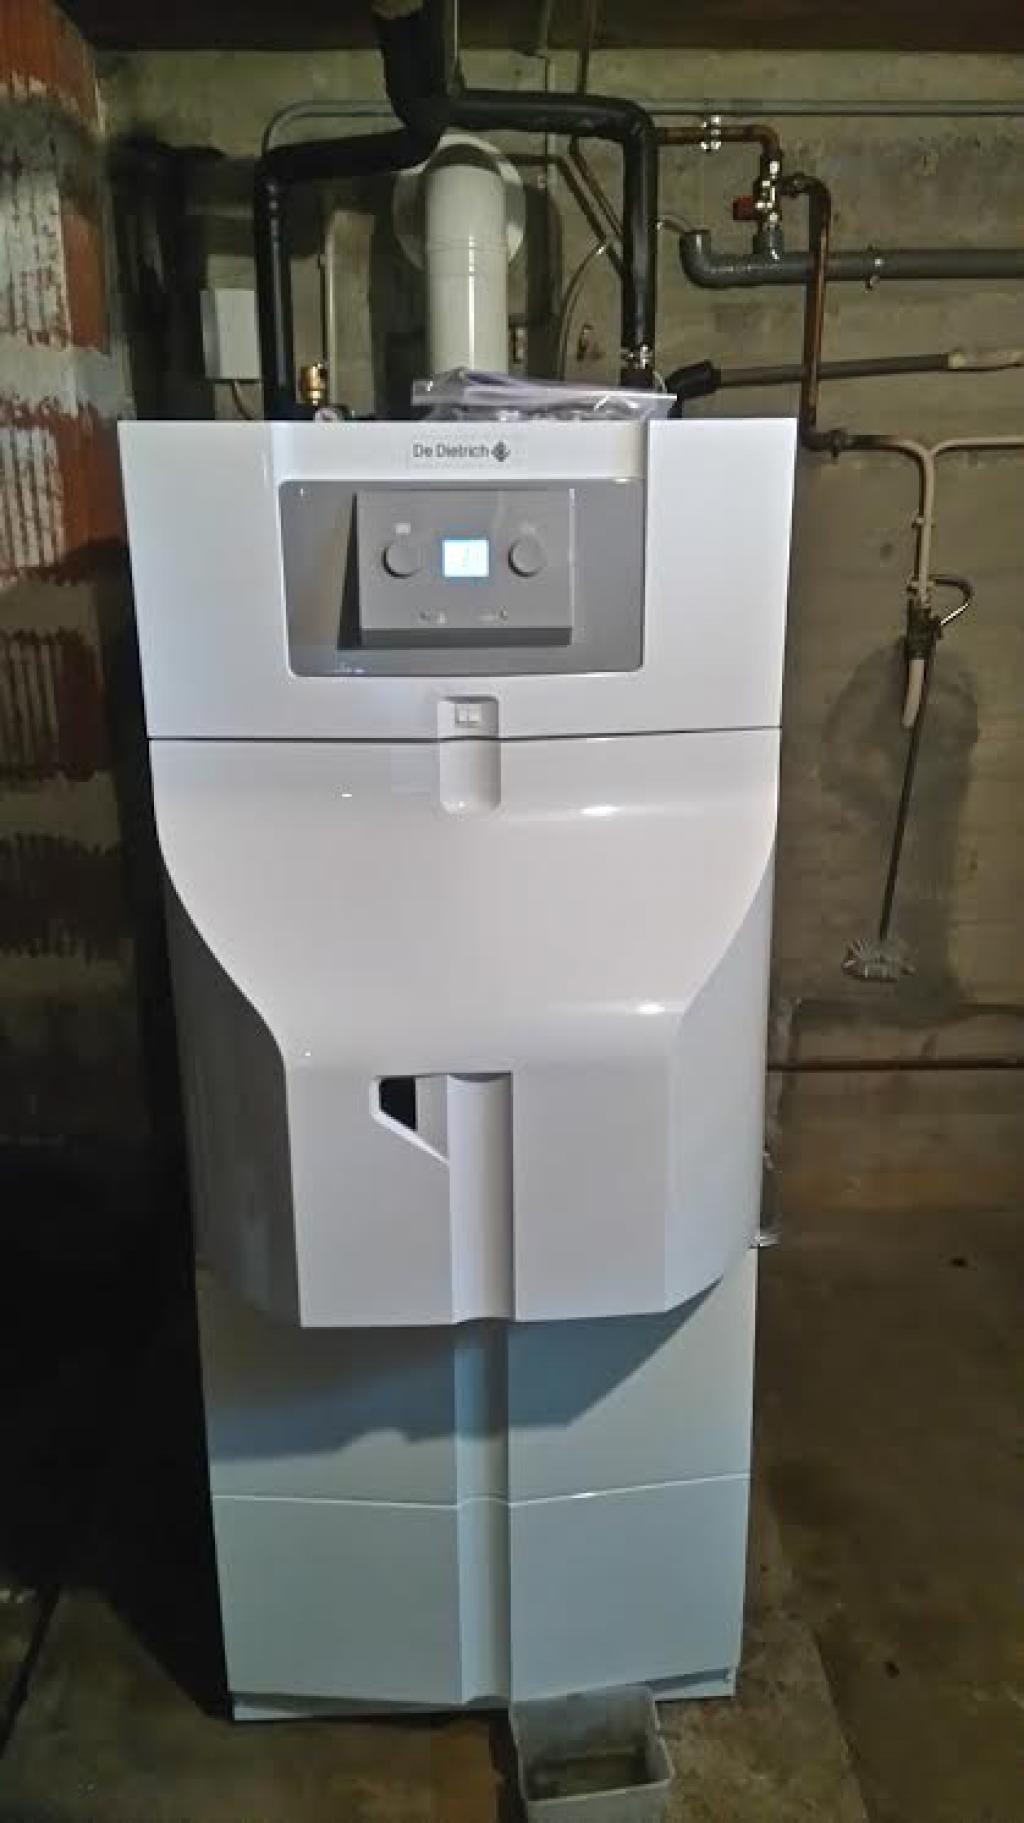 RGE vente installation chaudière fuel condensation DE DIETRICH  29360 CLOHARS-CARNOET